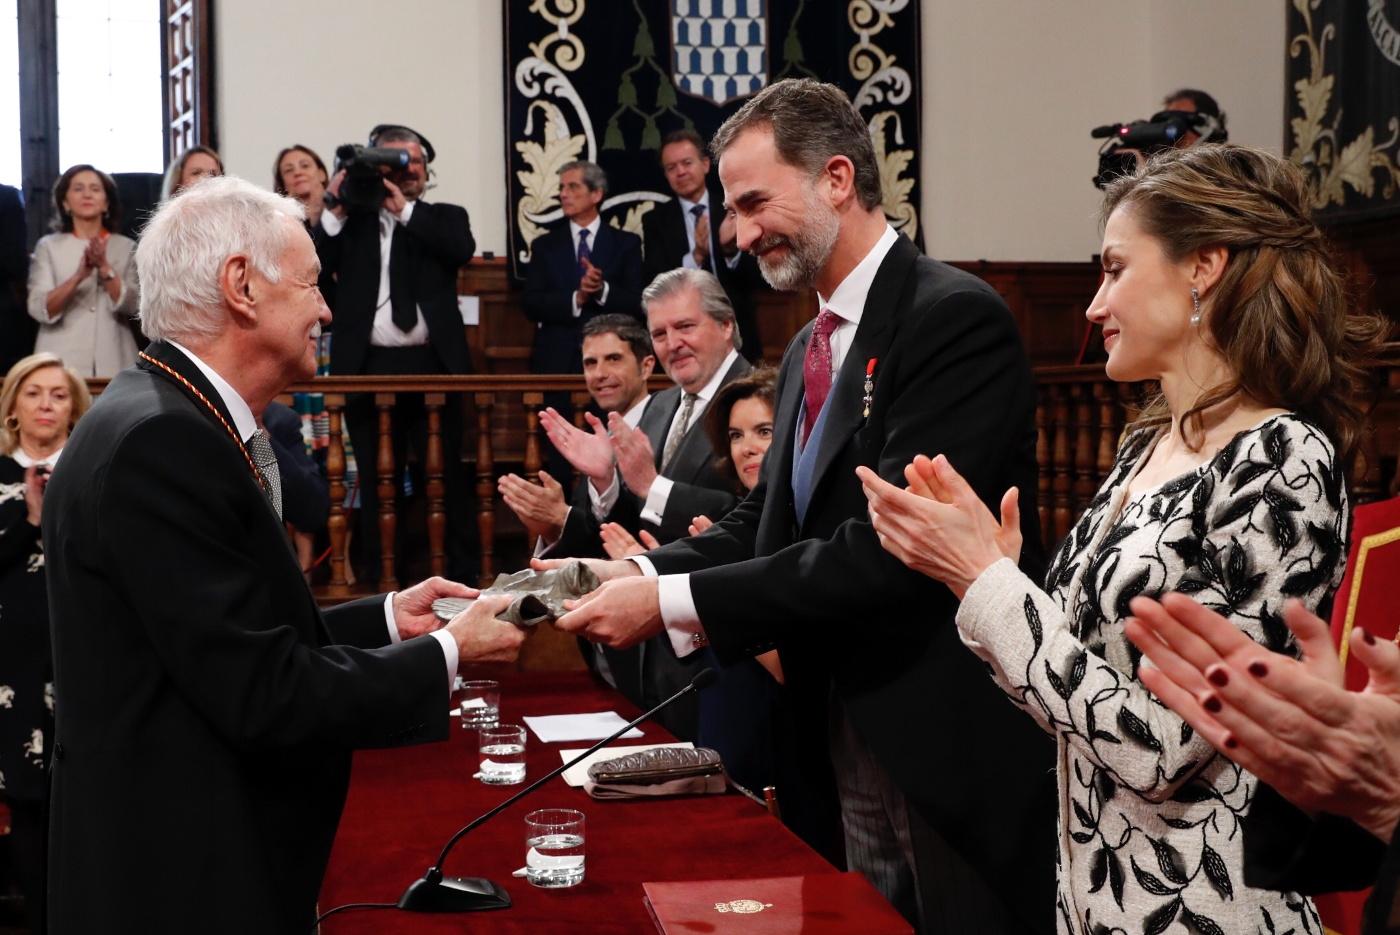 """El Rey entrega la escultura del Premio de Literatura en Lengua Castellana """"Miguel de Cervantes"""" 2016 a Eduardo Mendoza Garriga. © Casa de S.M. el Rey."""